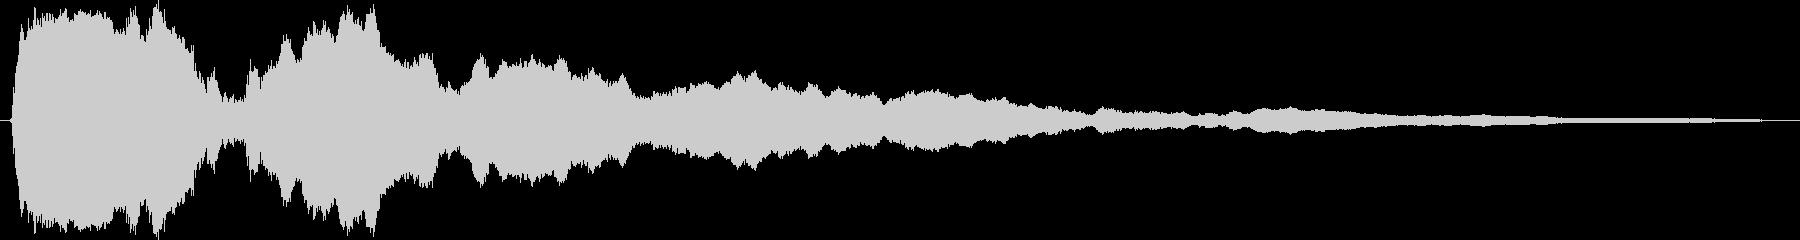 ピアノの単音(演出音)の未再生の波形